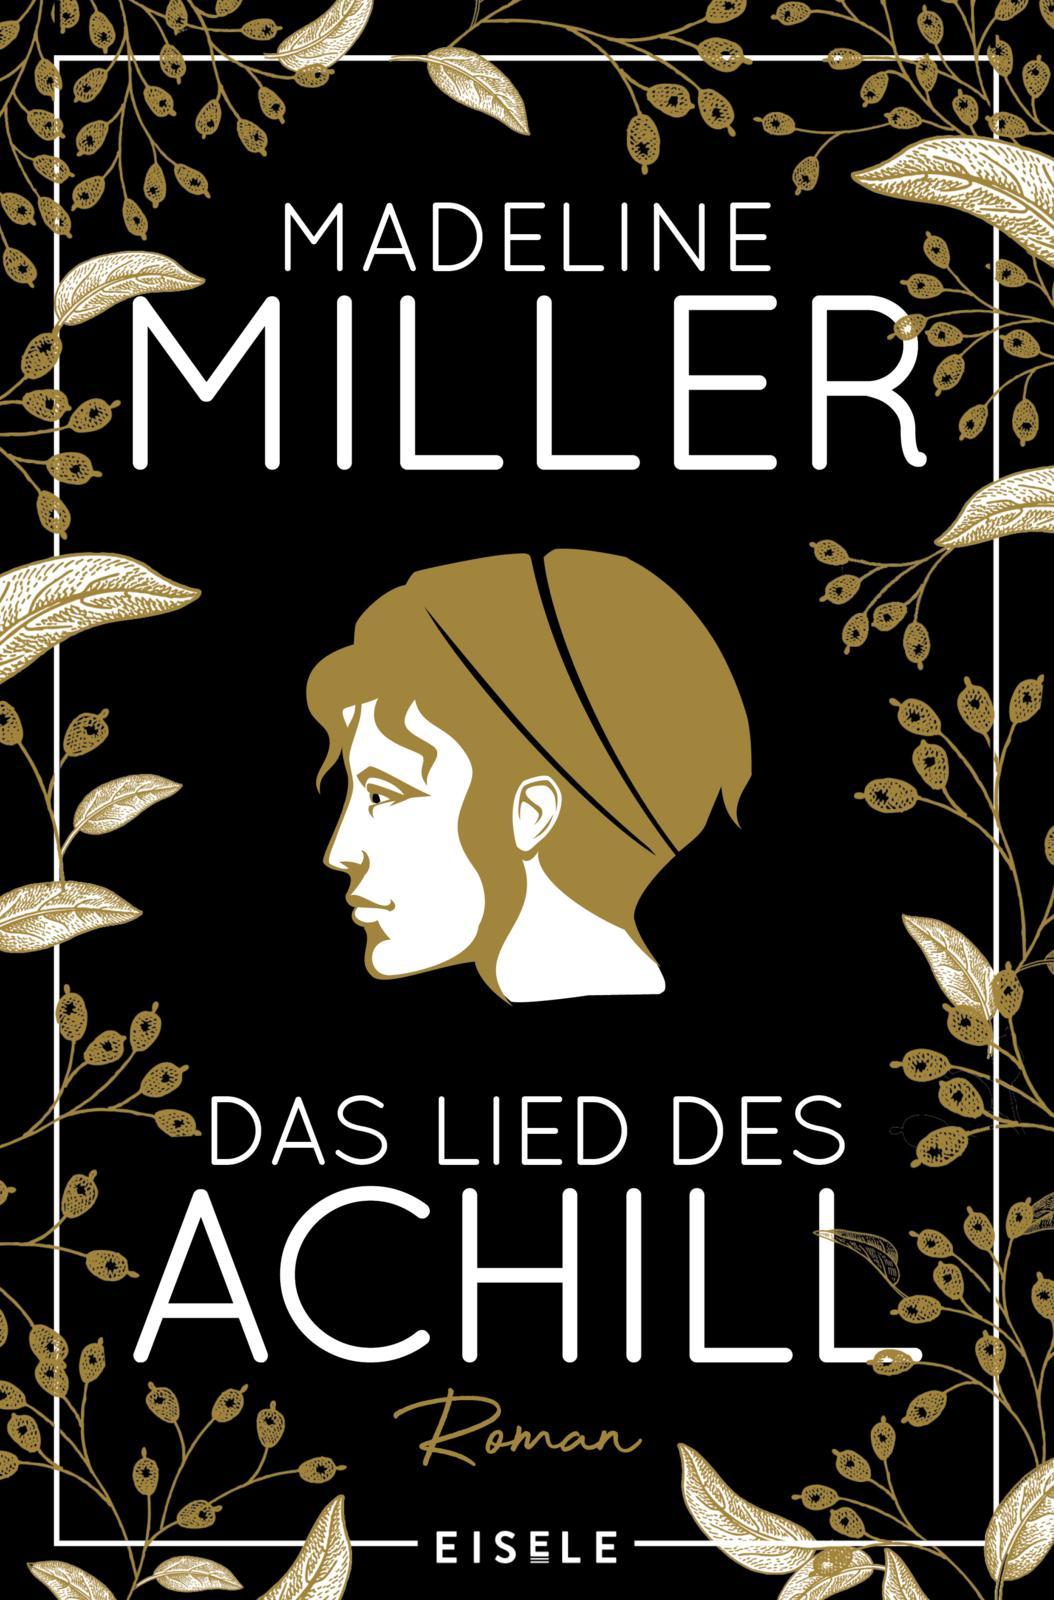 Das Lied des Achill by Madeline Miller